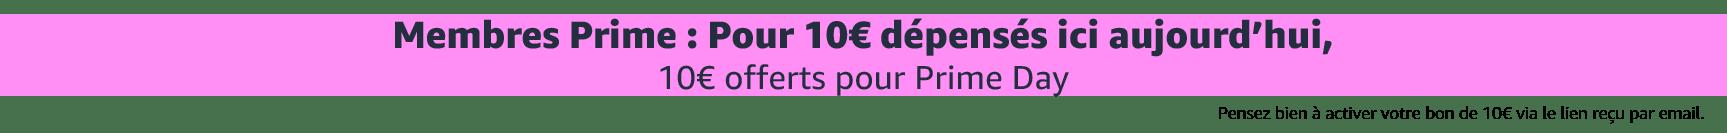 10 euros dépensés ici aujourd'hui, 10euros offerts pendant Prime Day